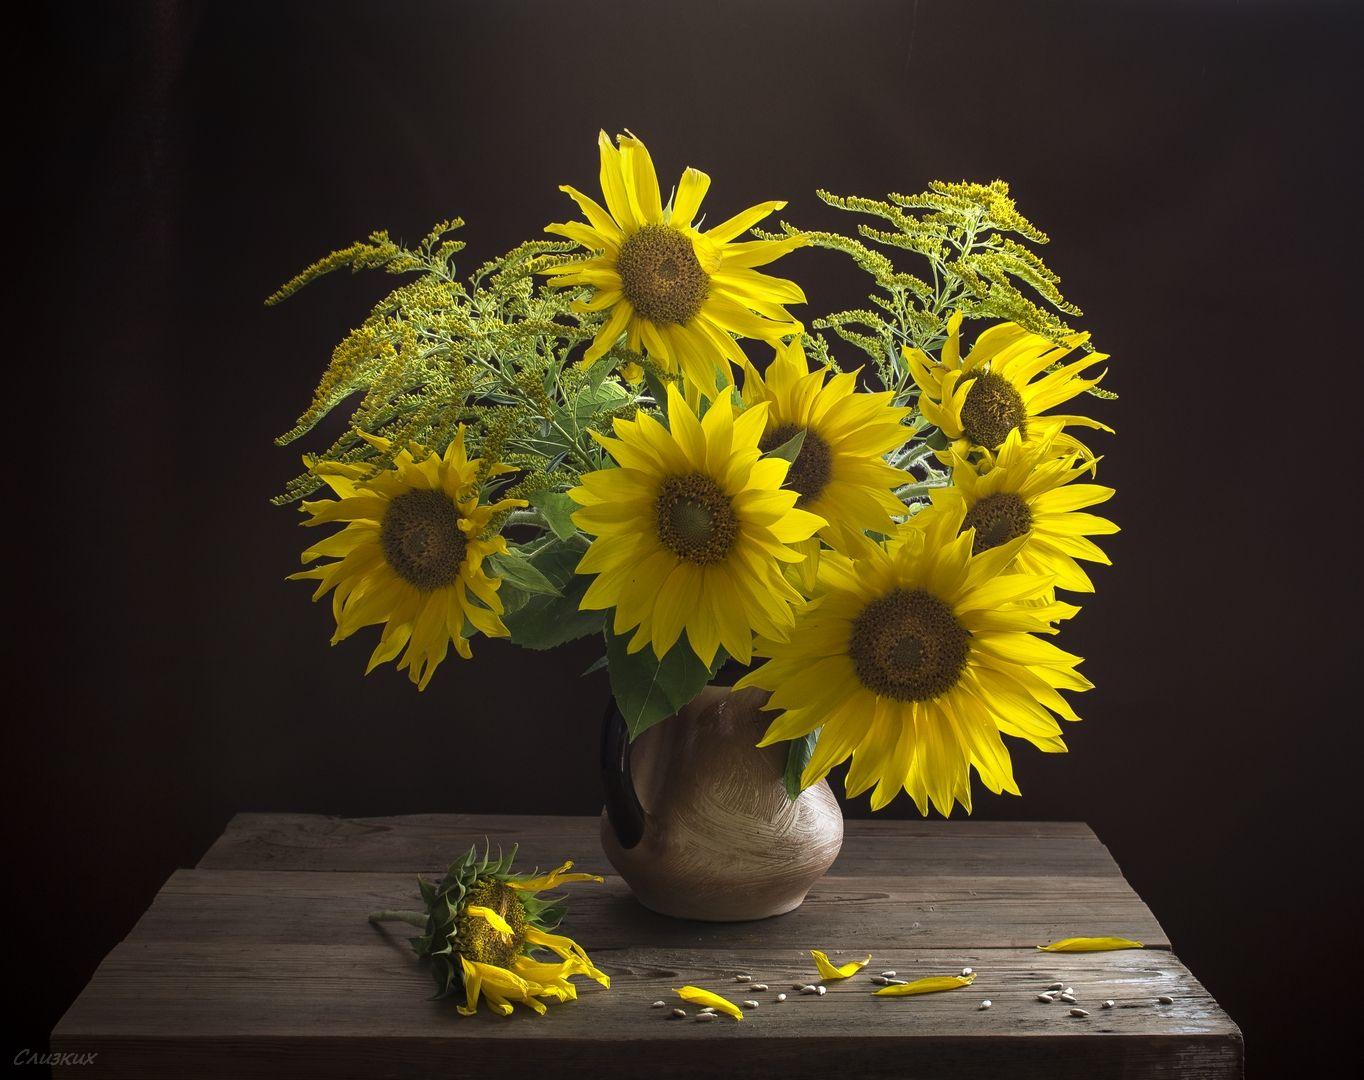 нас найнижчі фото картинки цветы подсолнухи в вазах способность мужчины быть